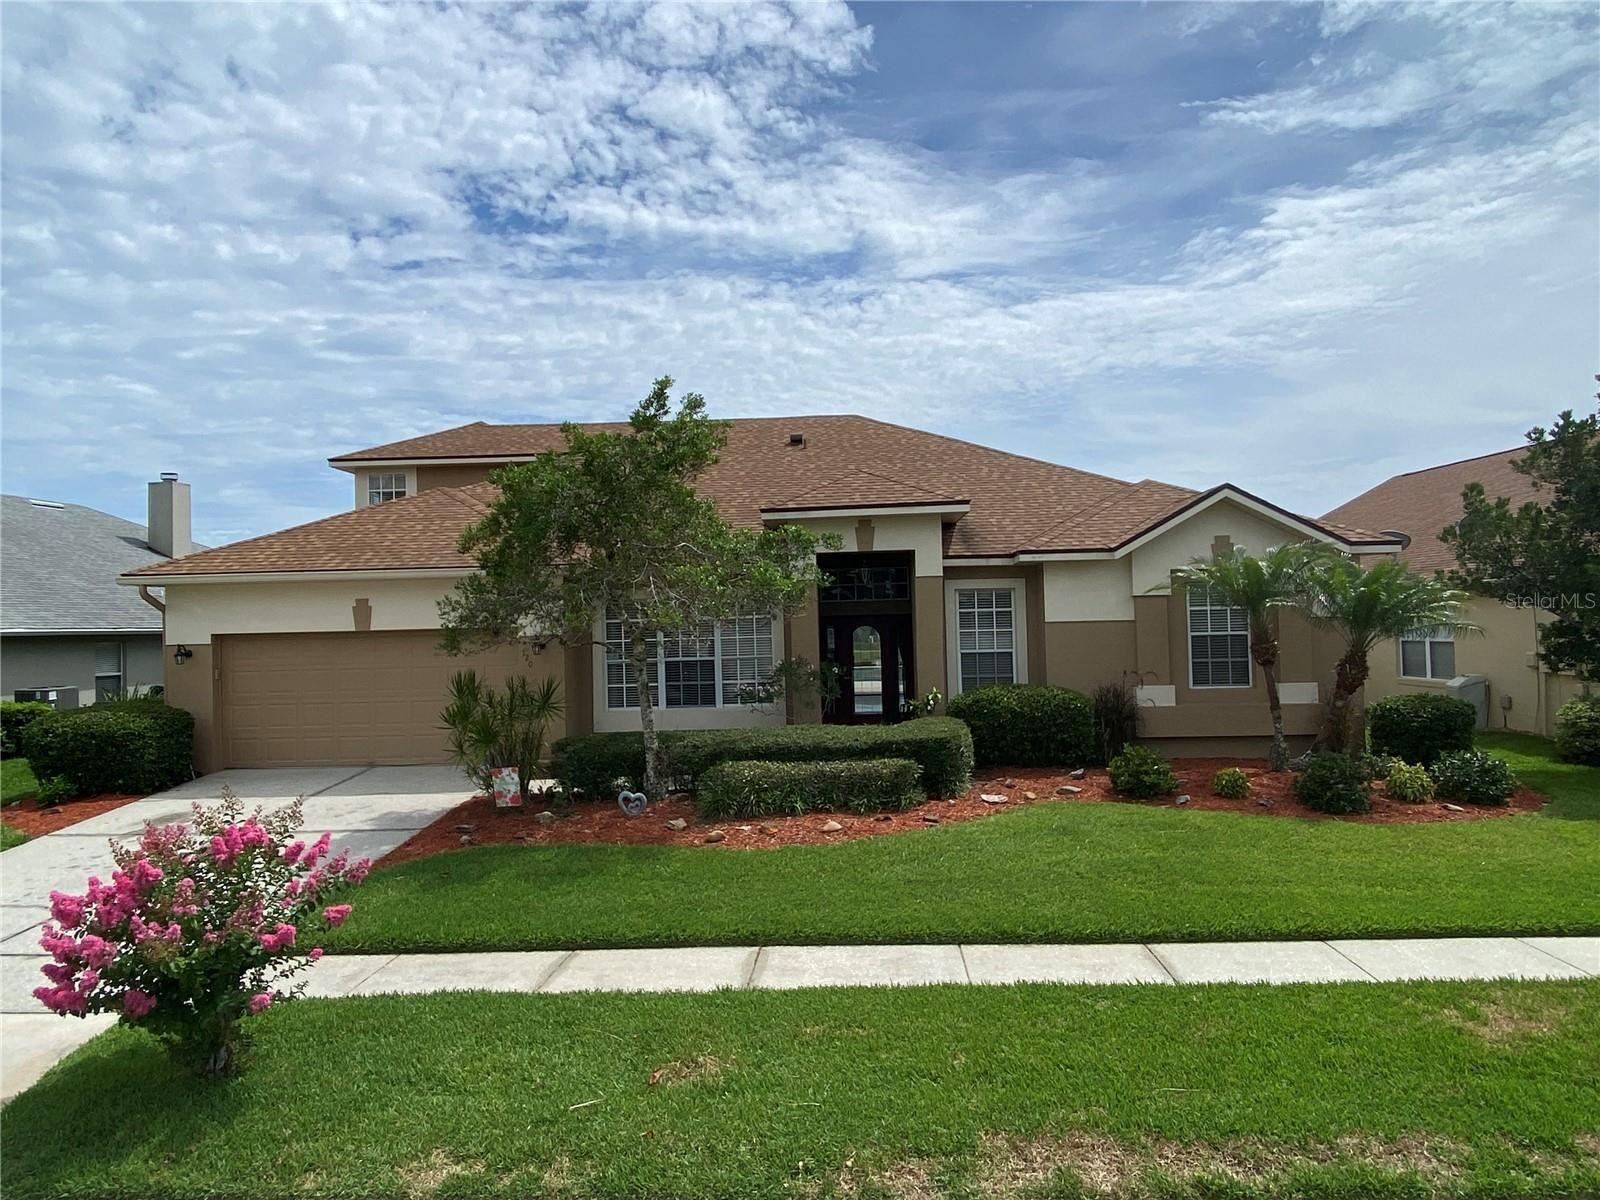 720 WATERLAND COURT, Orlando, FL 32828 - #: O5949546